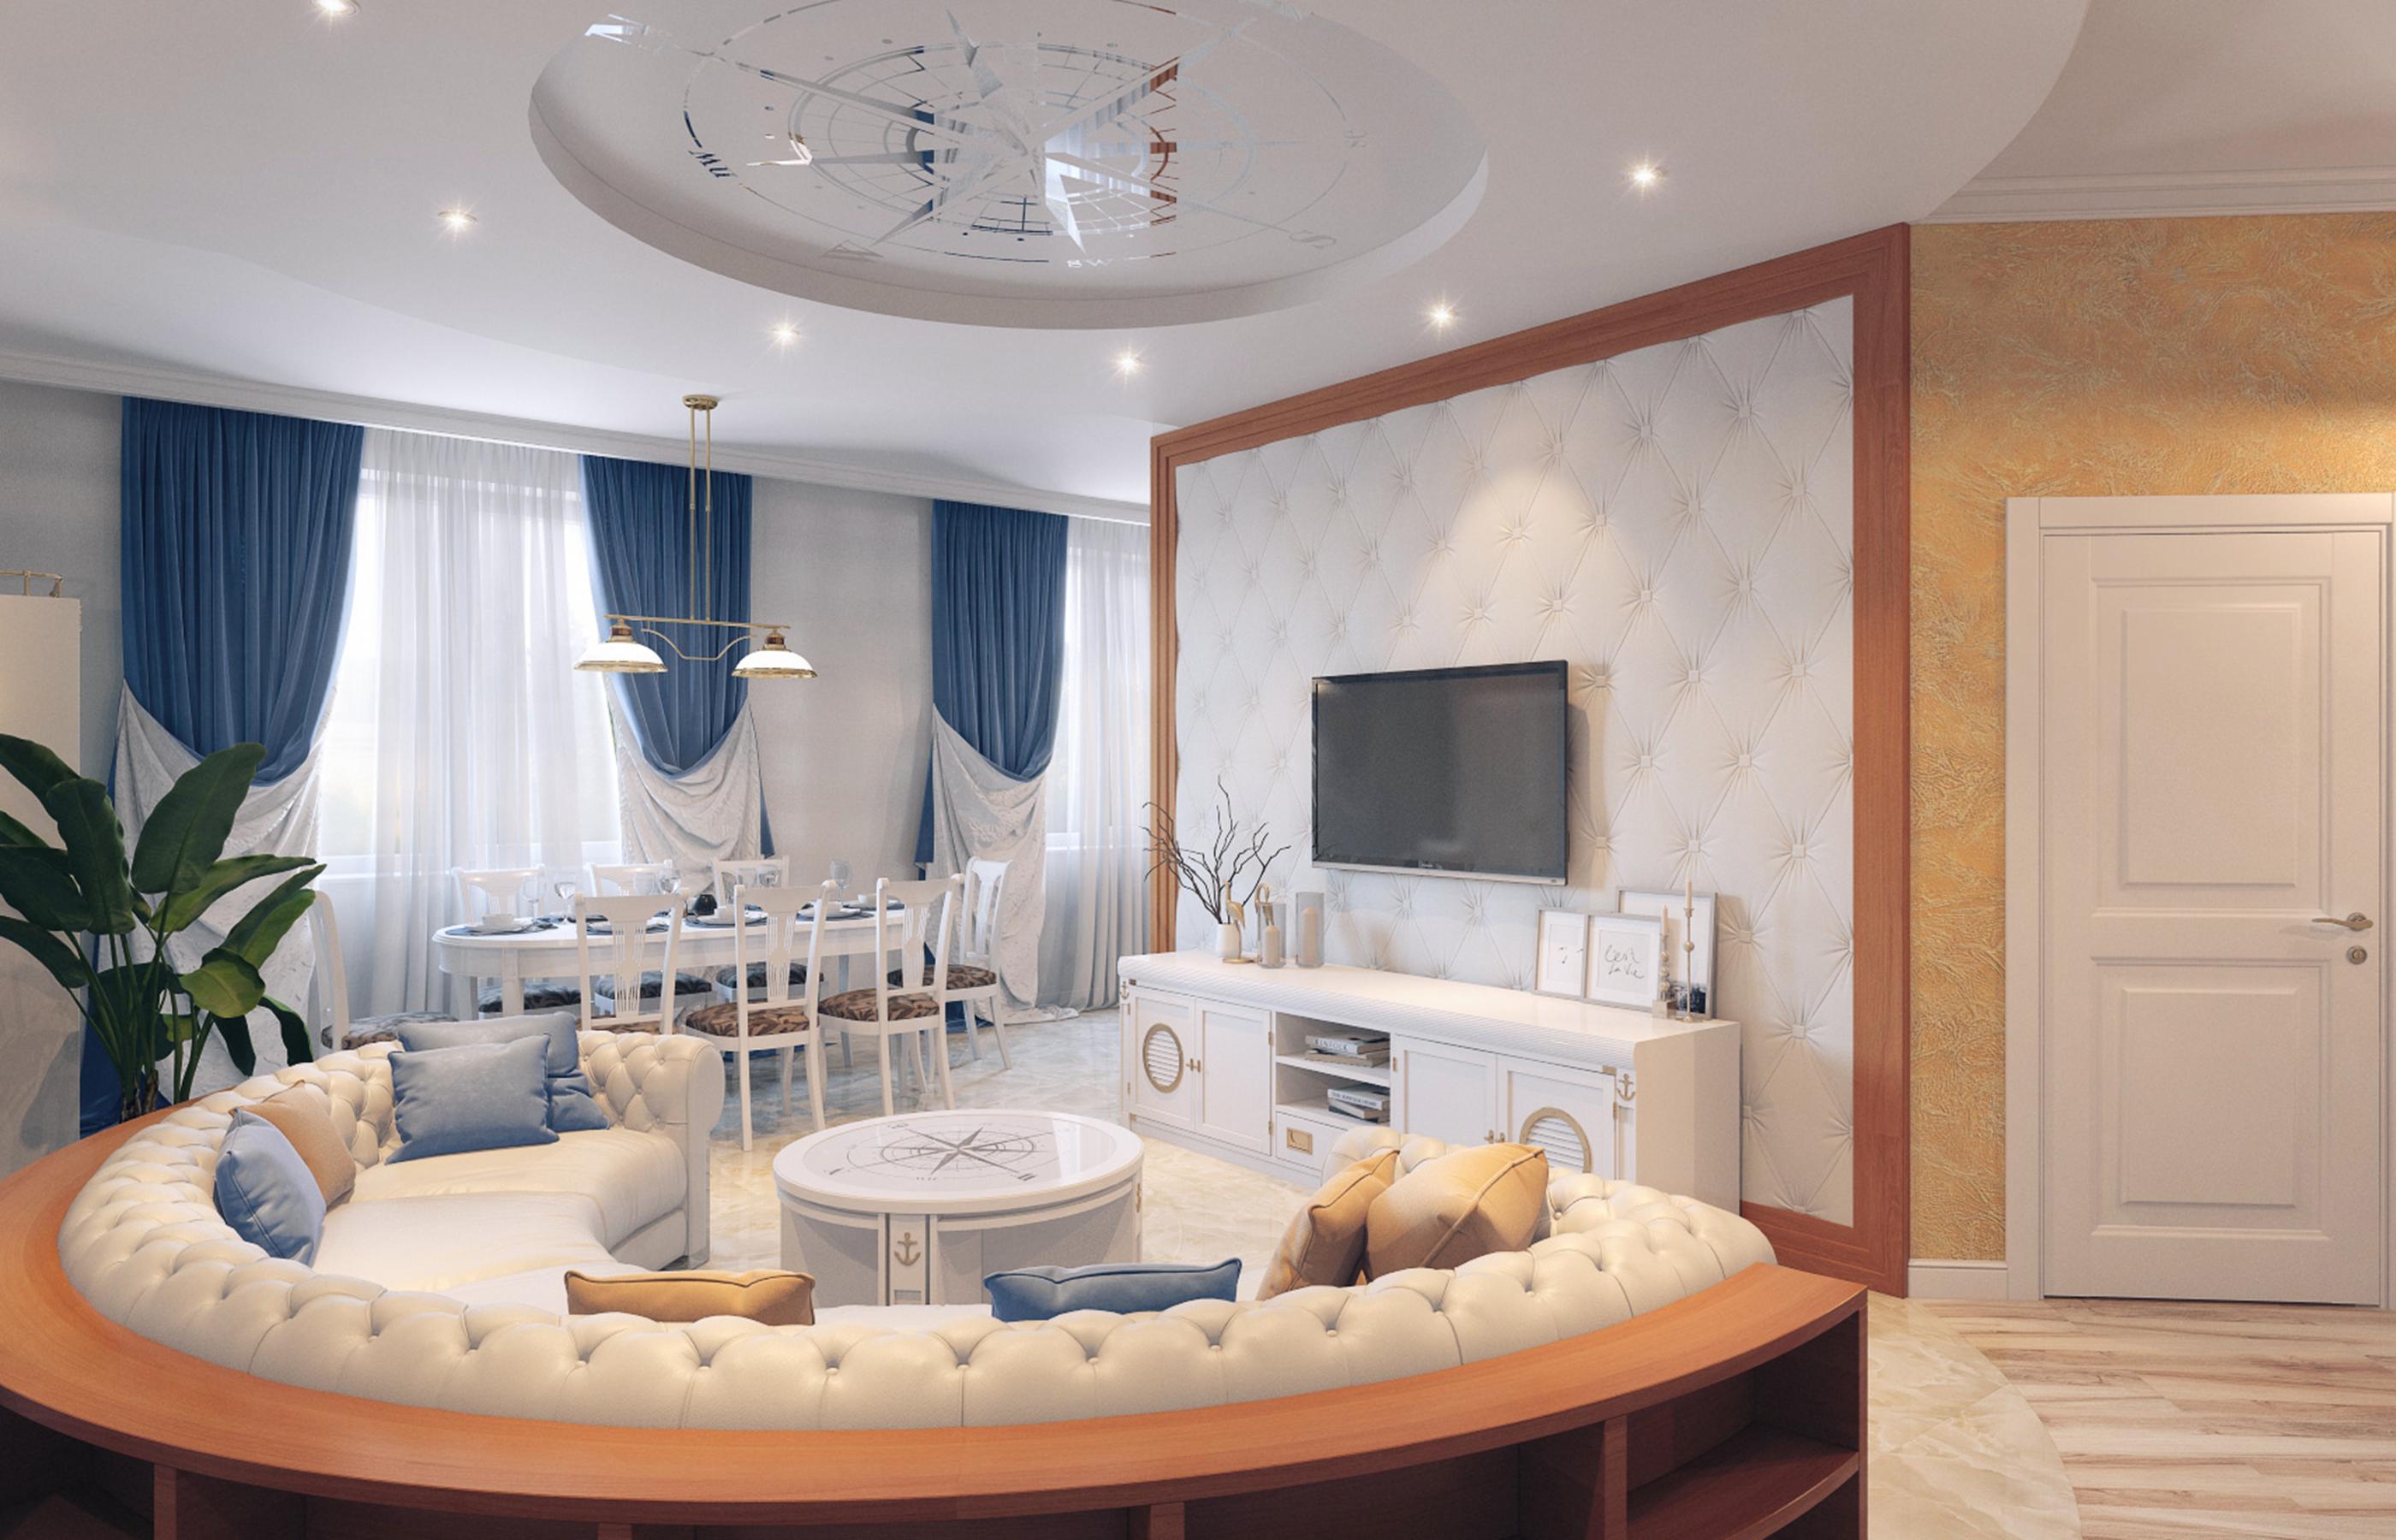 Дизайн интерьера гостиной в морском стиле